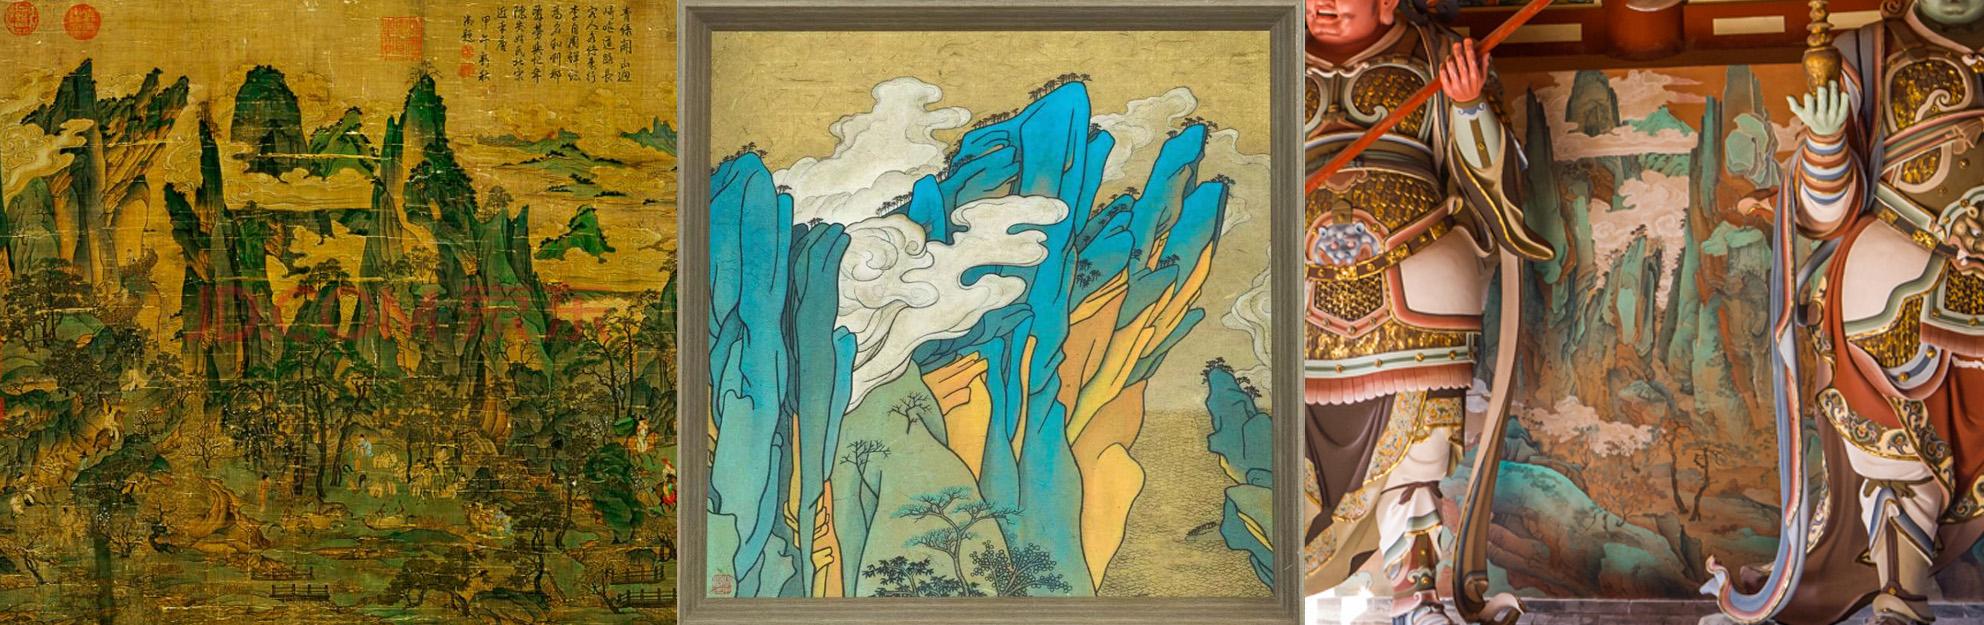 原画¡¢某画家个展作品与龙泉山寺壁画¡£这位老?#31181;?#25130;取了左上角的山头